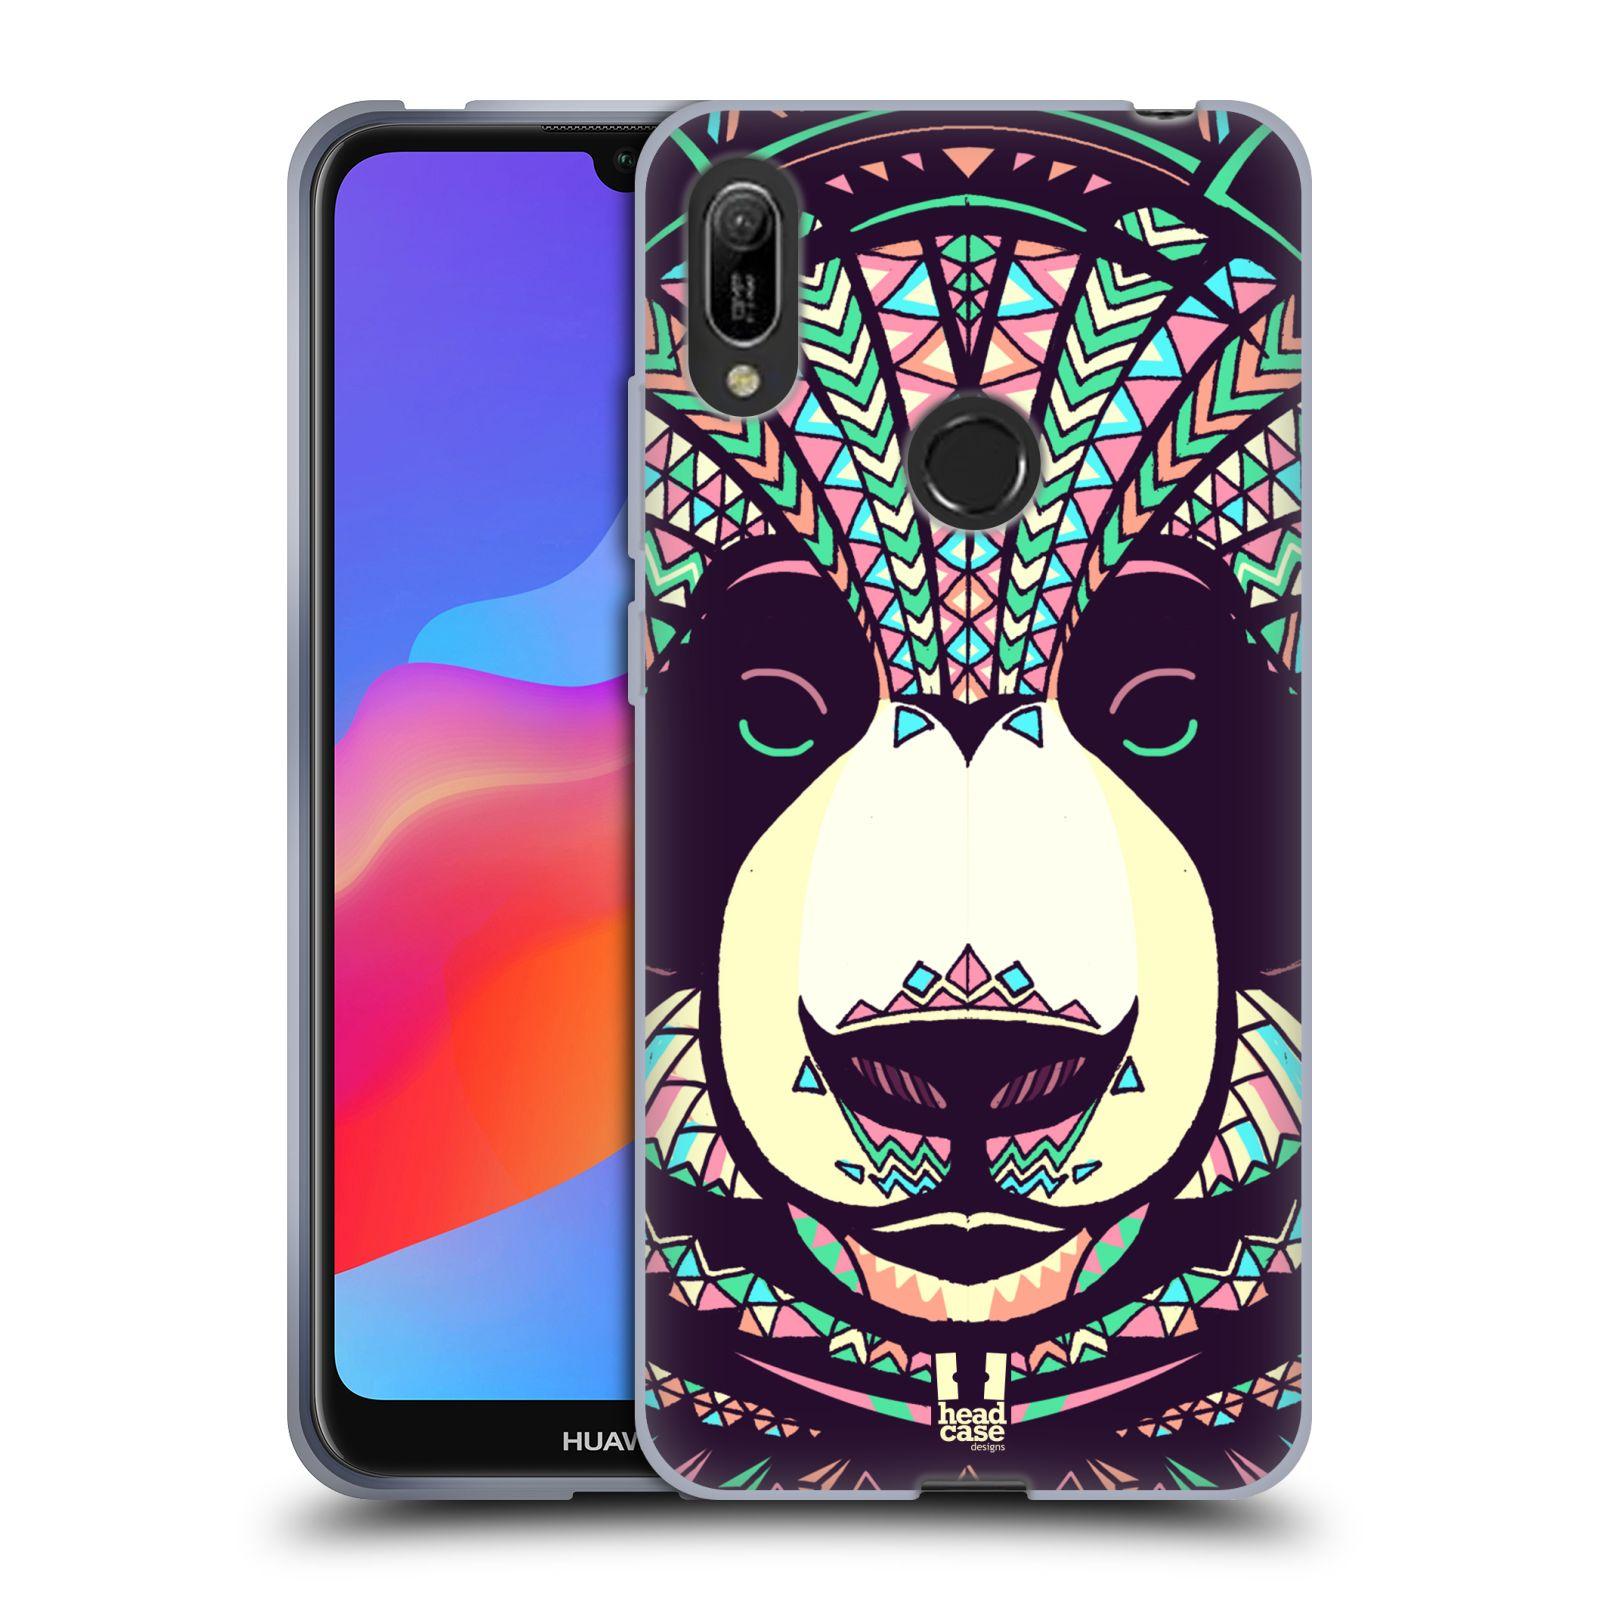 Silikonové pouzdro na mobil Huawei Y6 (2019) - Head Case - AZTEC PANDA